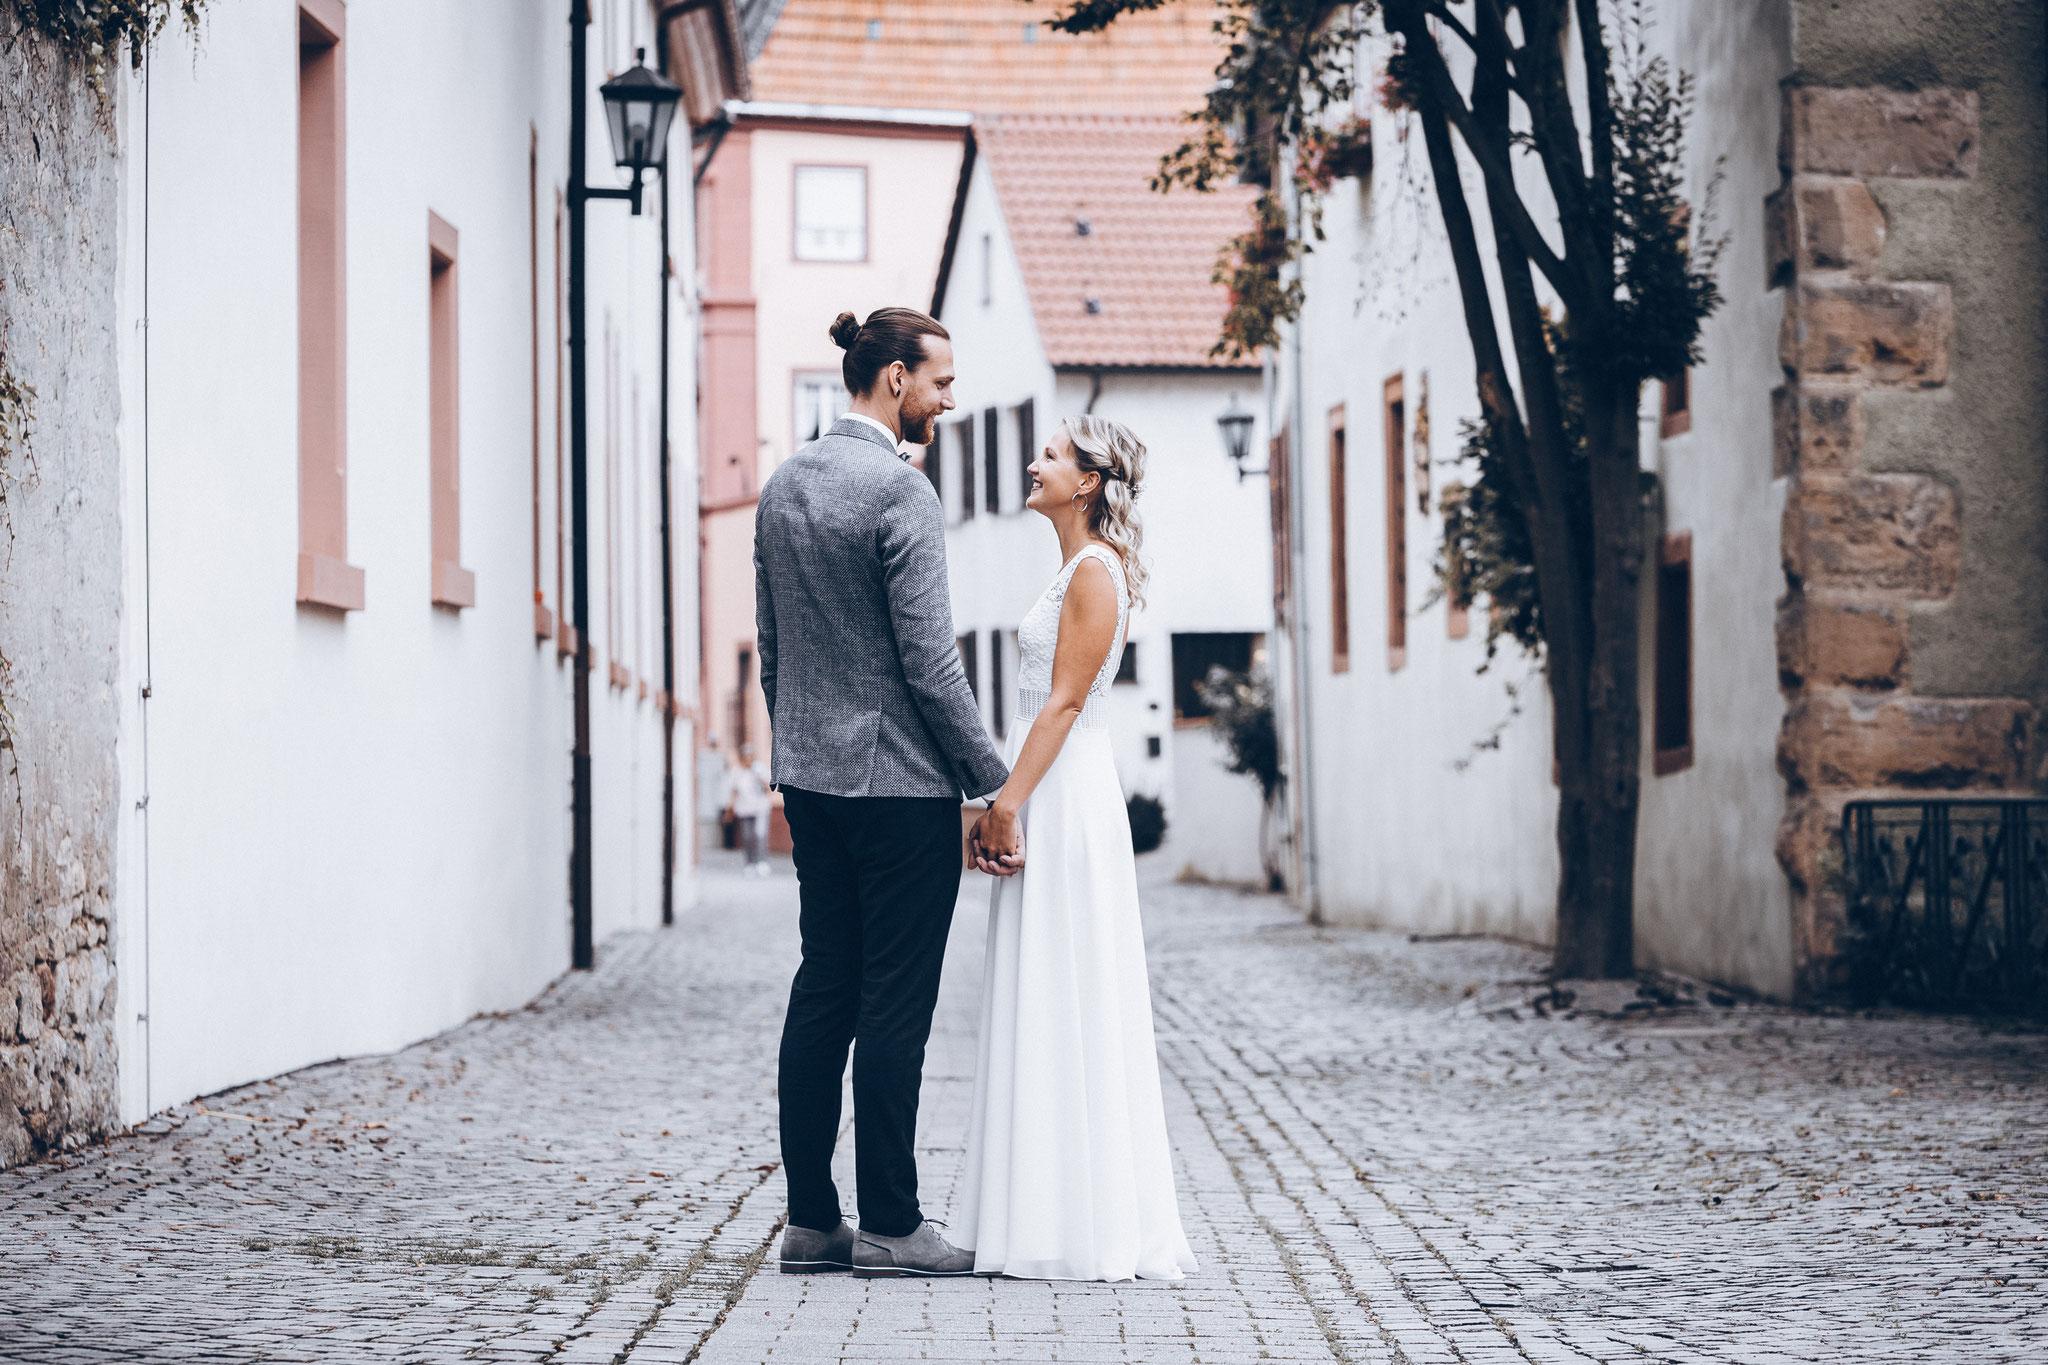 Hochzeitsfotograf gesucht Würzburg, Franken, Unterfranken, Bayern, Kitzingen, Schweinfurt